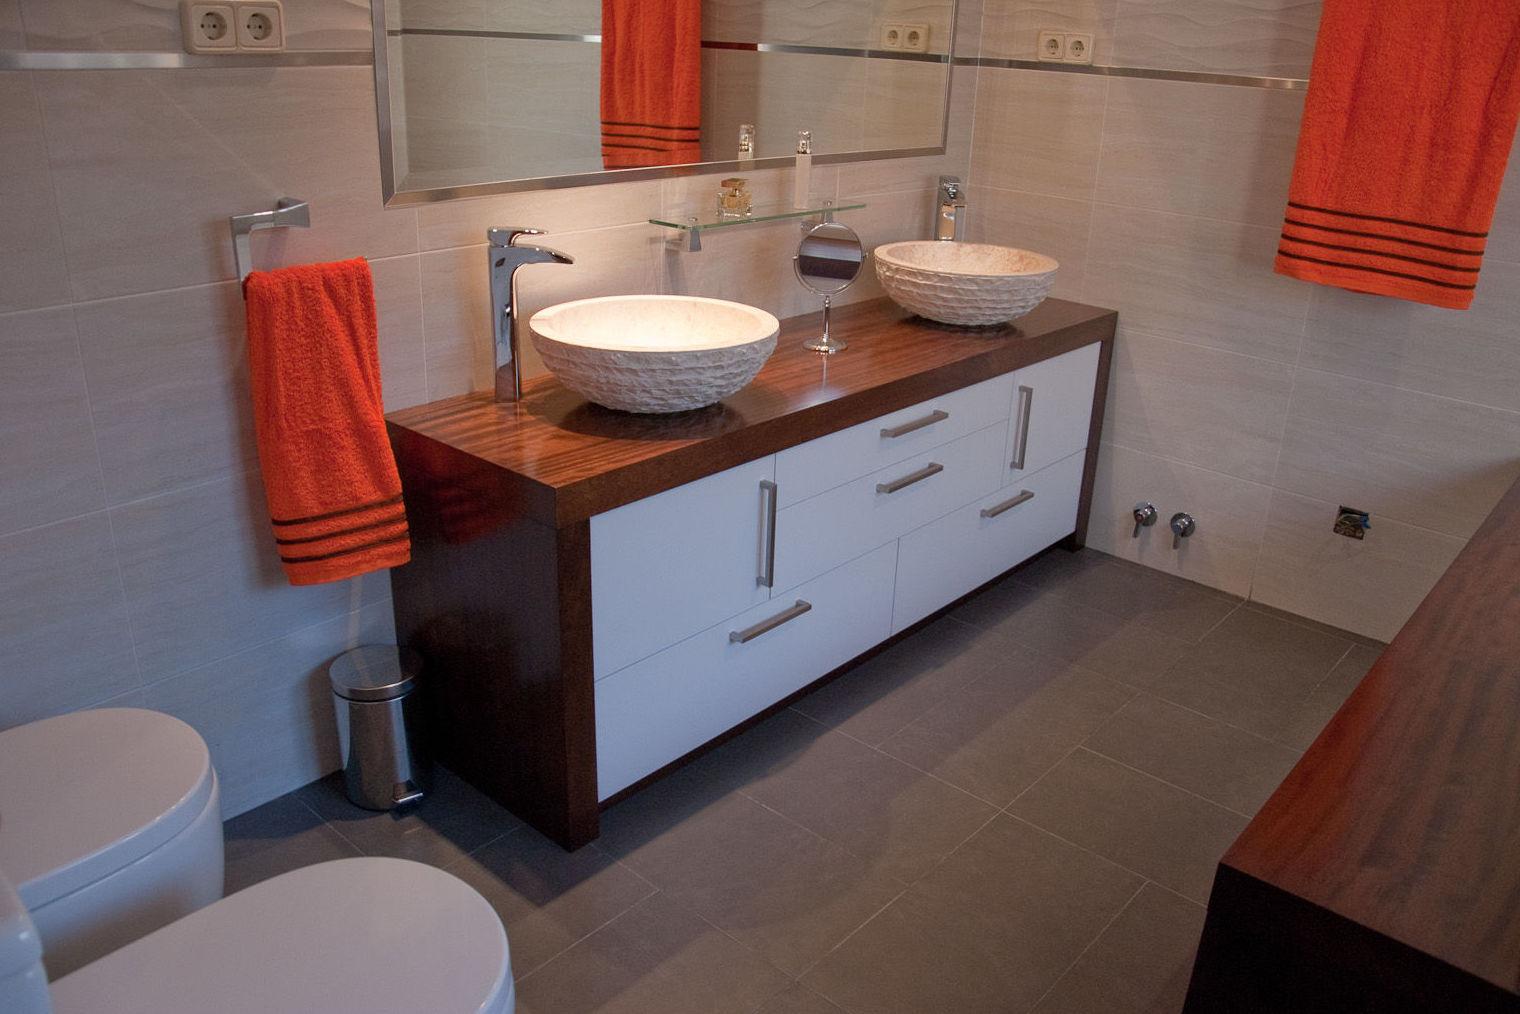 Muebles para baño a medida: Servicios de Diseño a Medida